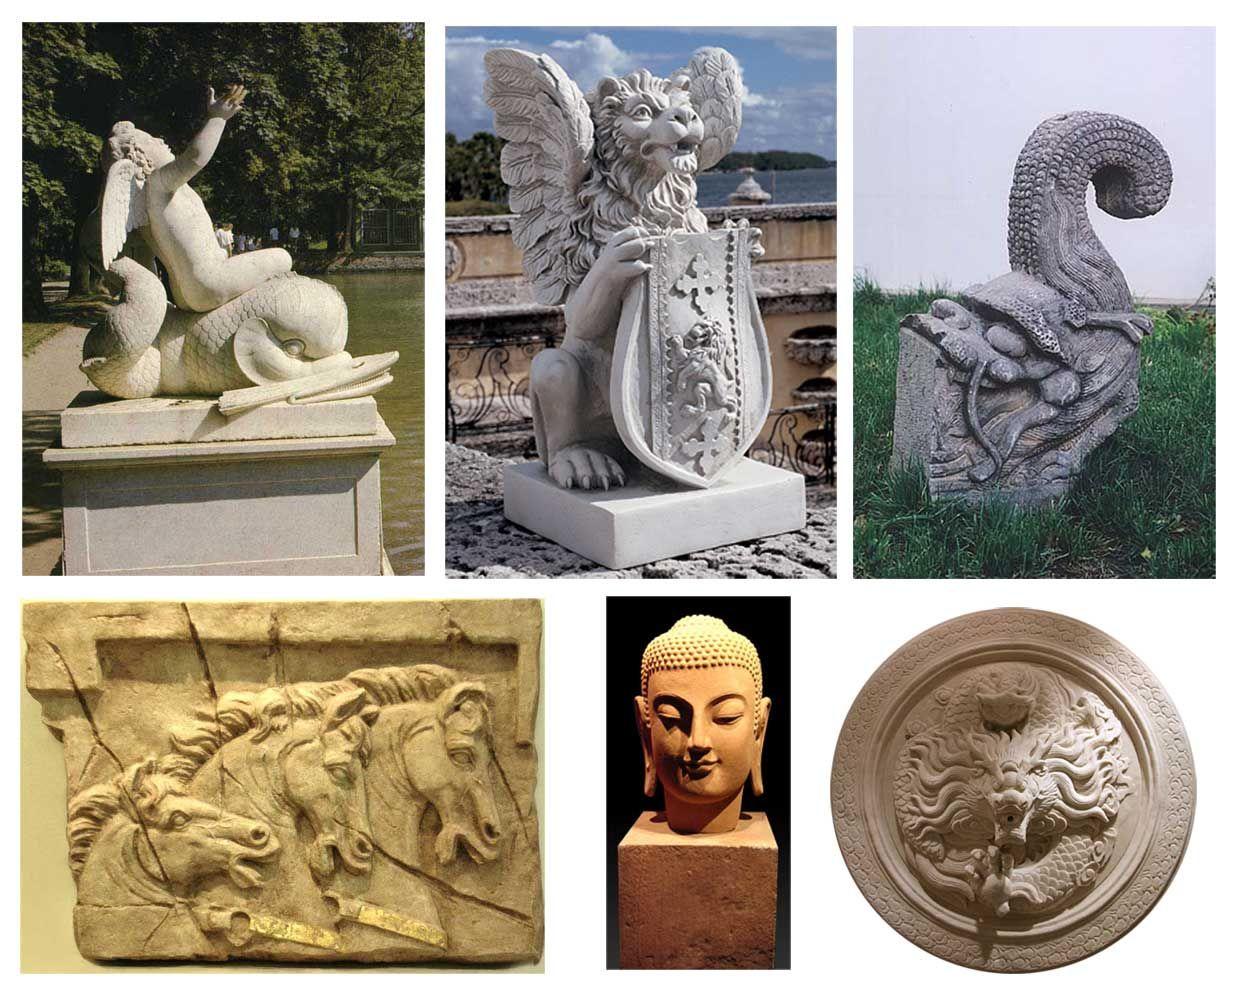 玻璃钢雕塑,欧式花园喷泉,流水工艺,卡通雕塑